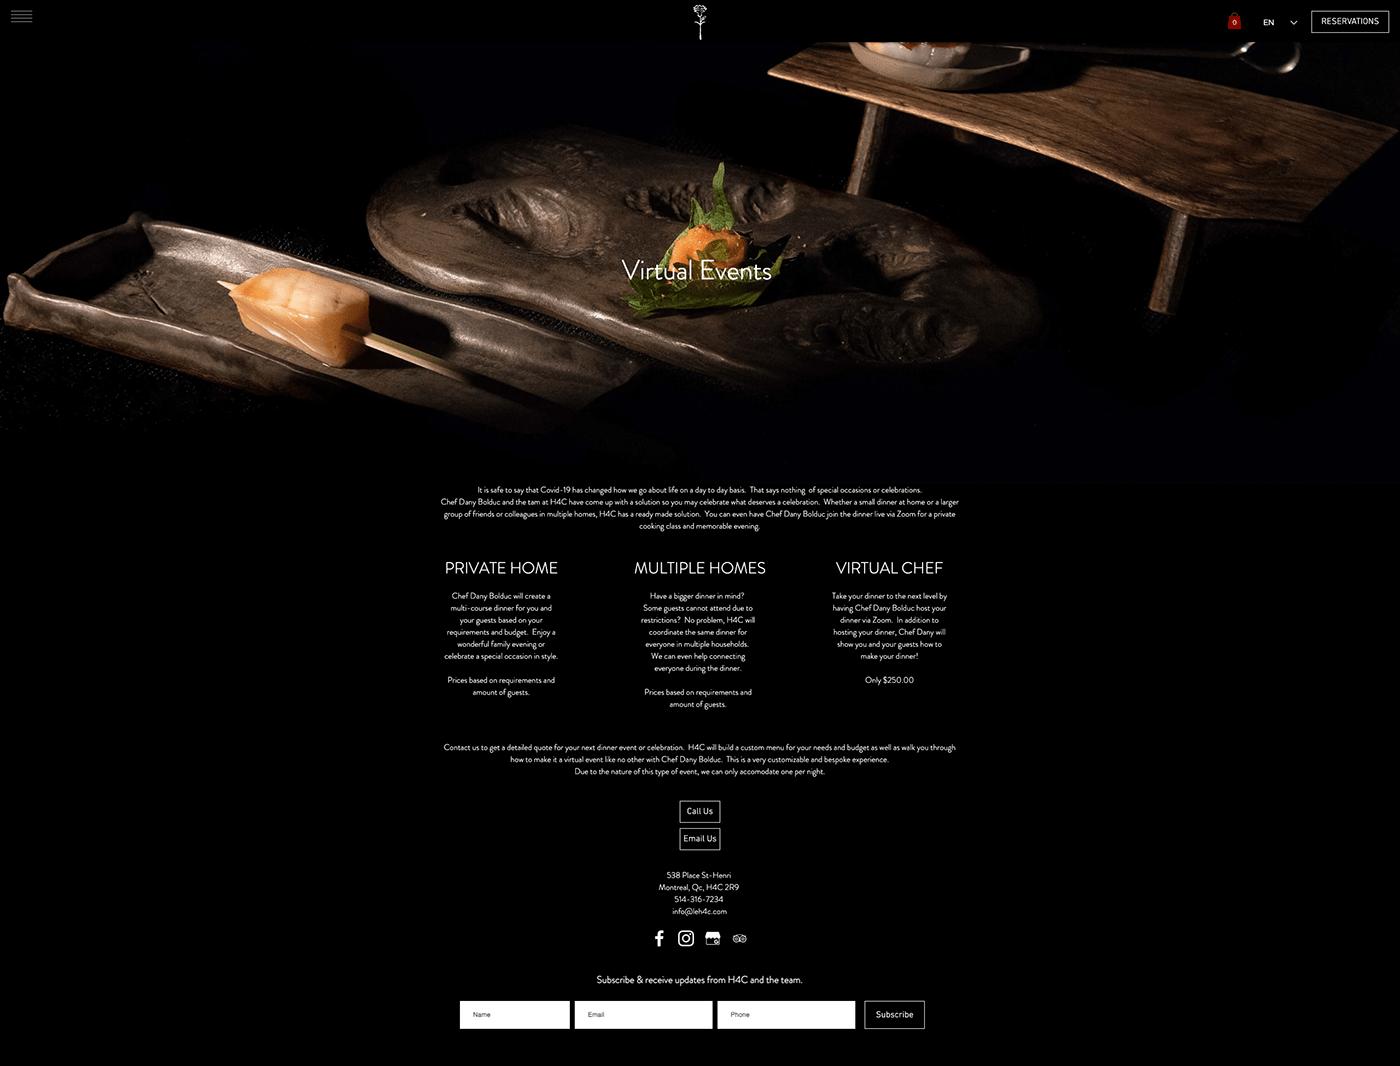 chef cooking Cours de cuisine cuisine du terroir Événement virtuel online event